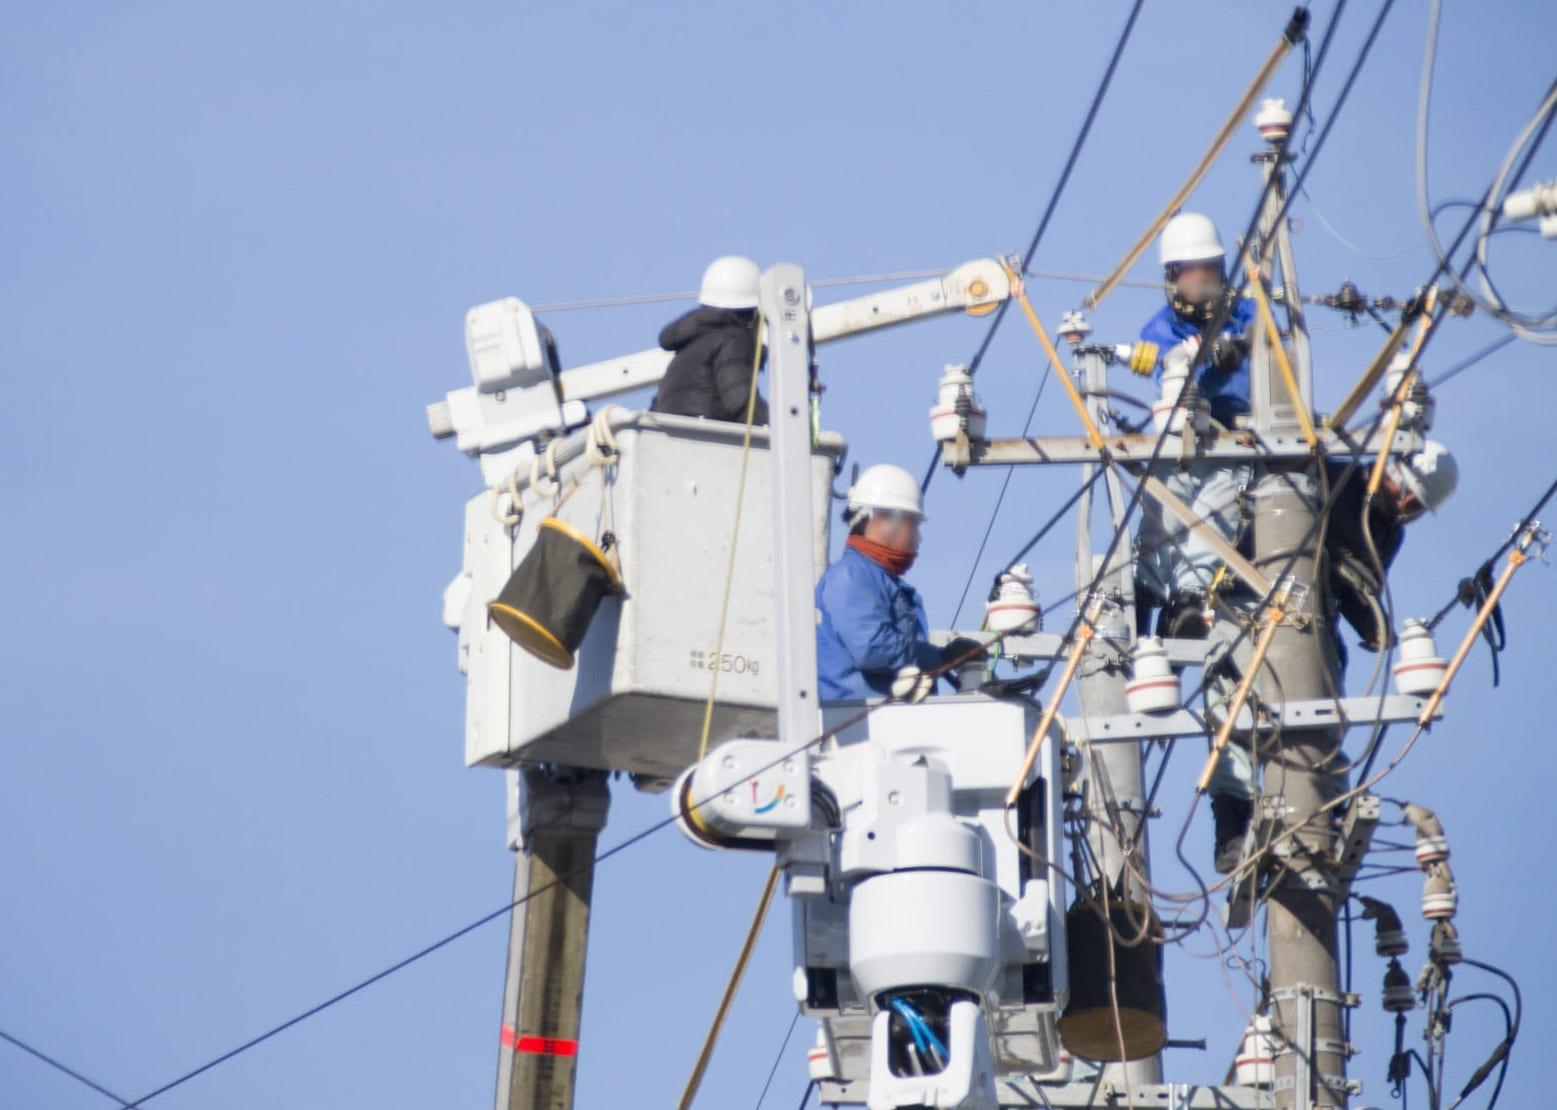 電気工事業:全国の企業リスト販売